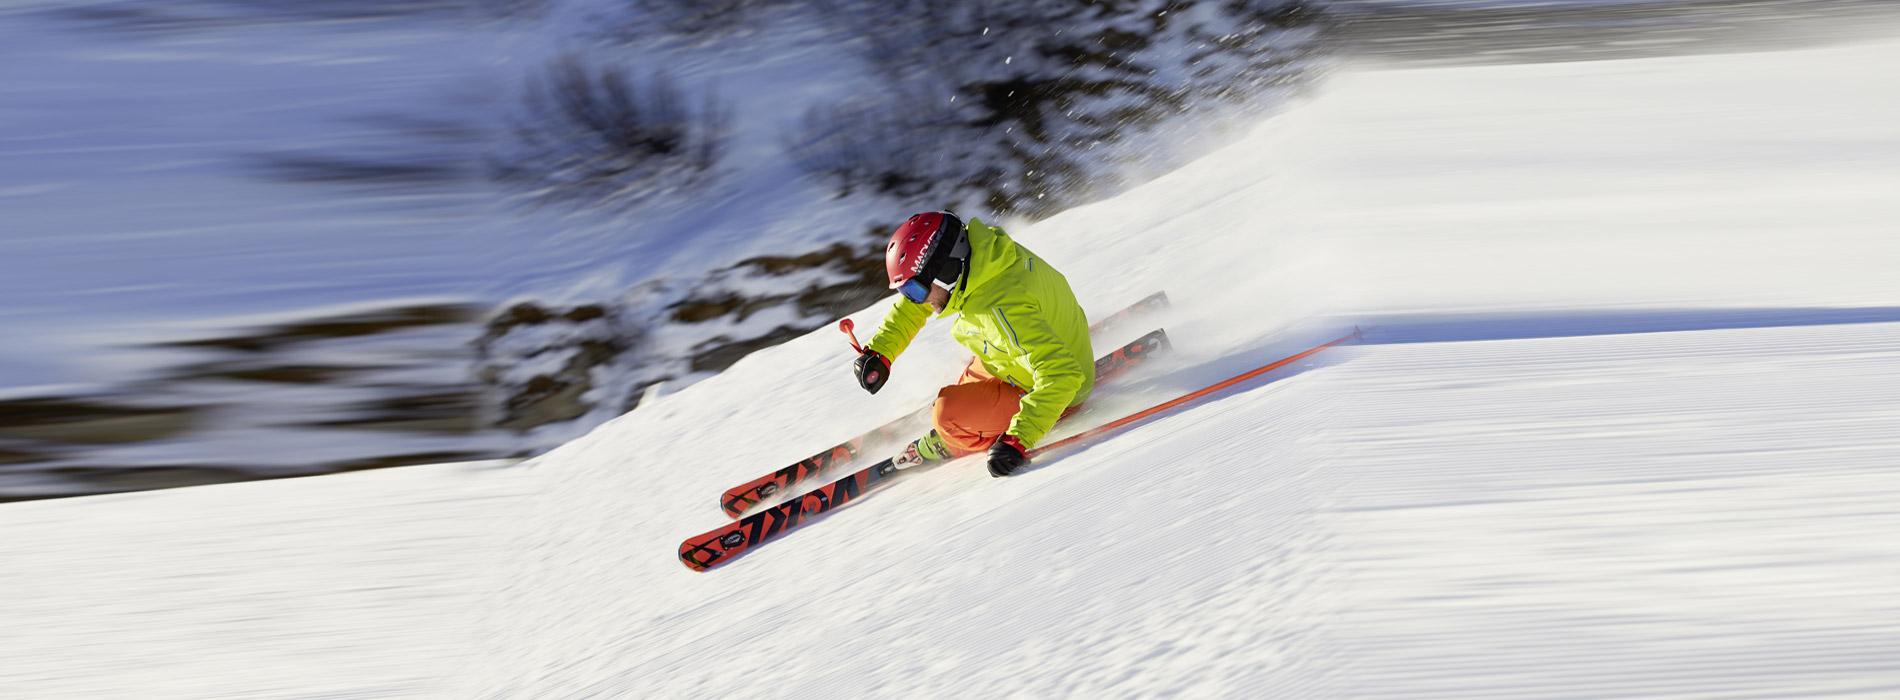 noleggio_sci_snowboard_cortina_d_ampezzo_sci-014